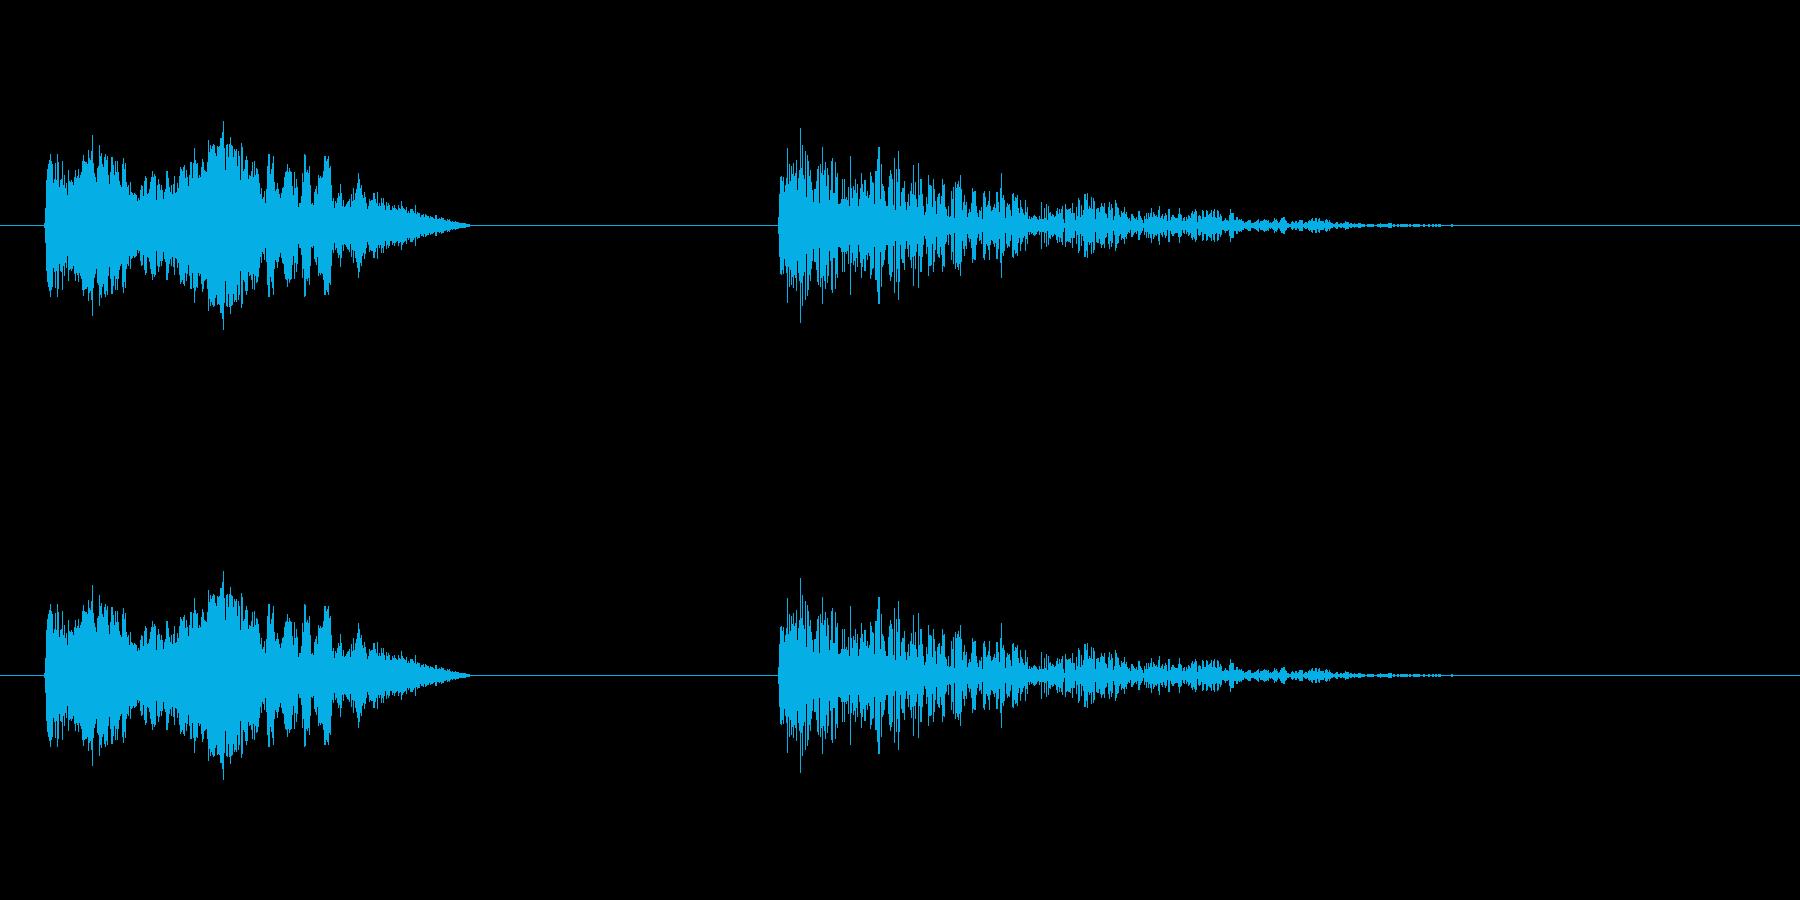 爆発5 2の再生済みの波形